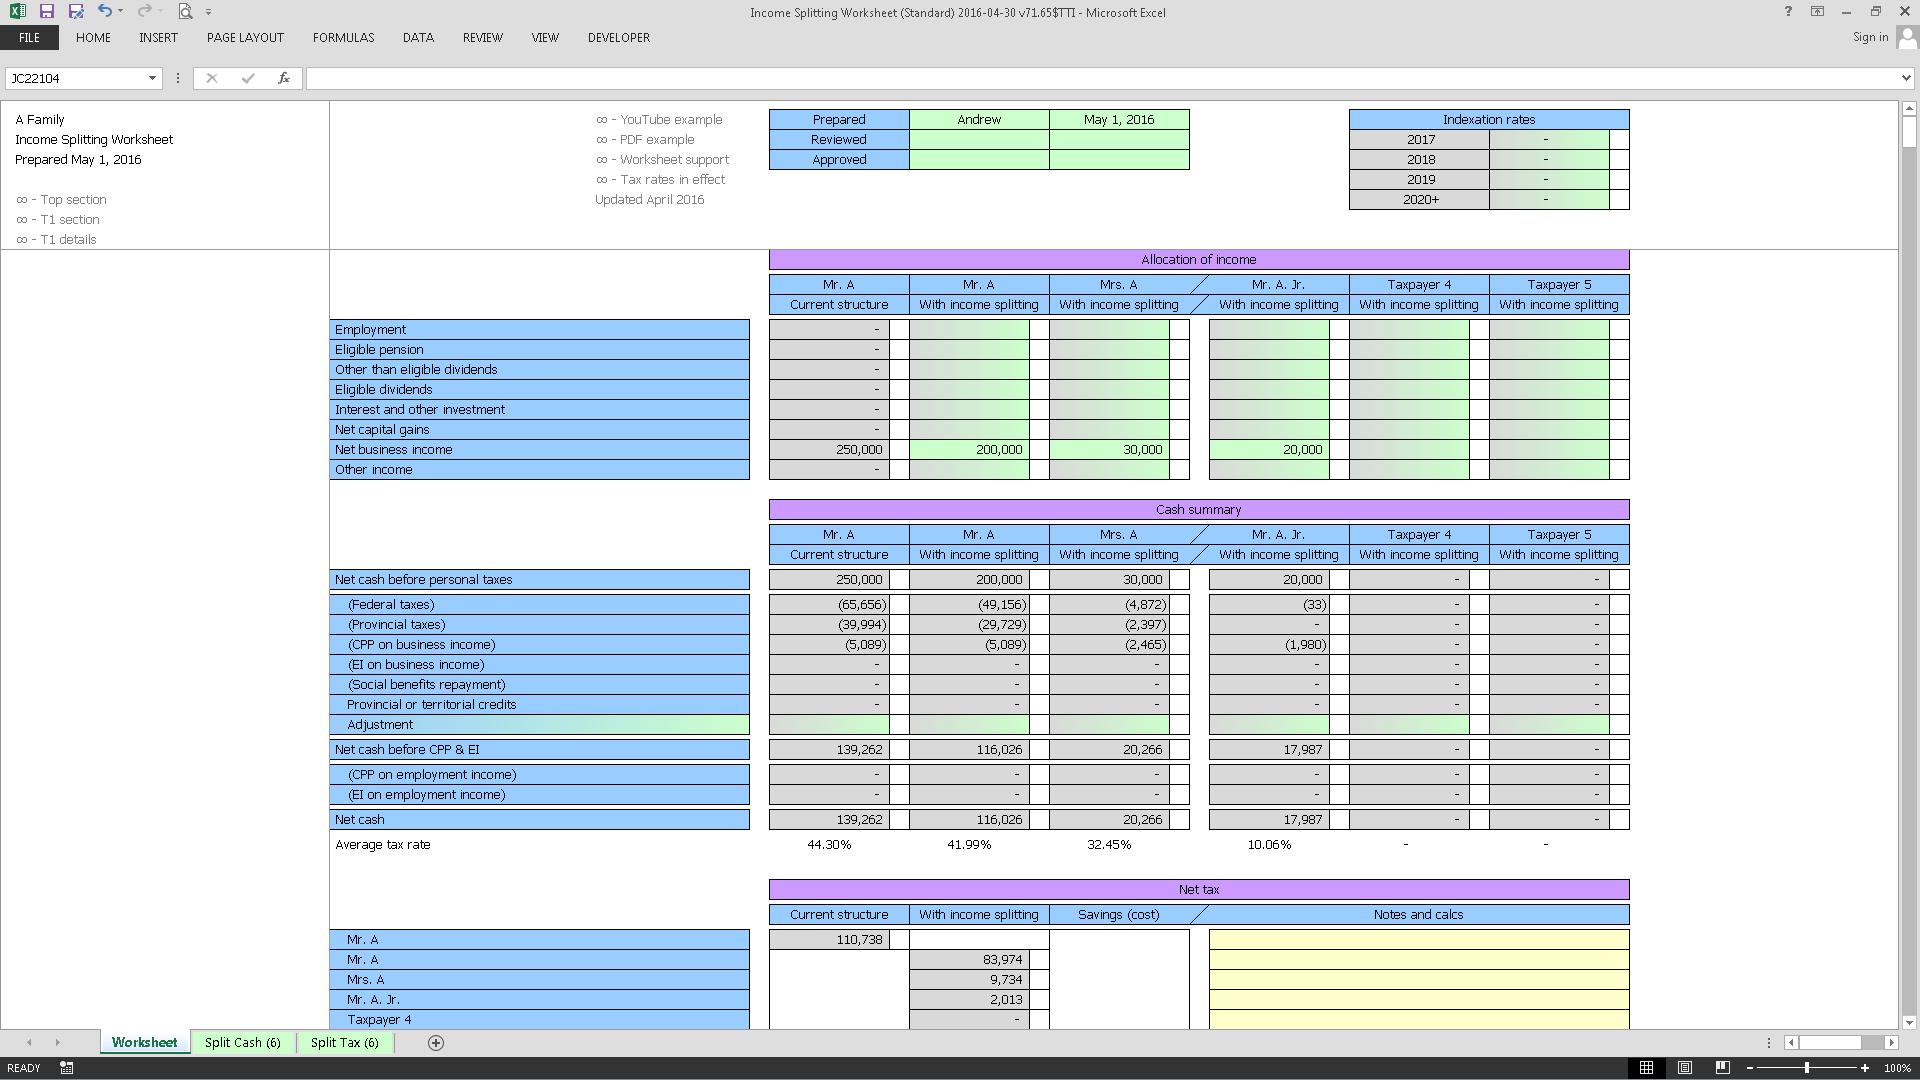 Income Splitting Worksheet (Standard) 2016-04-30 v71.65$TTI_Cover.png